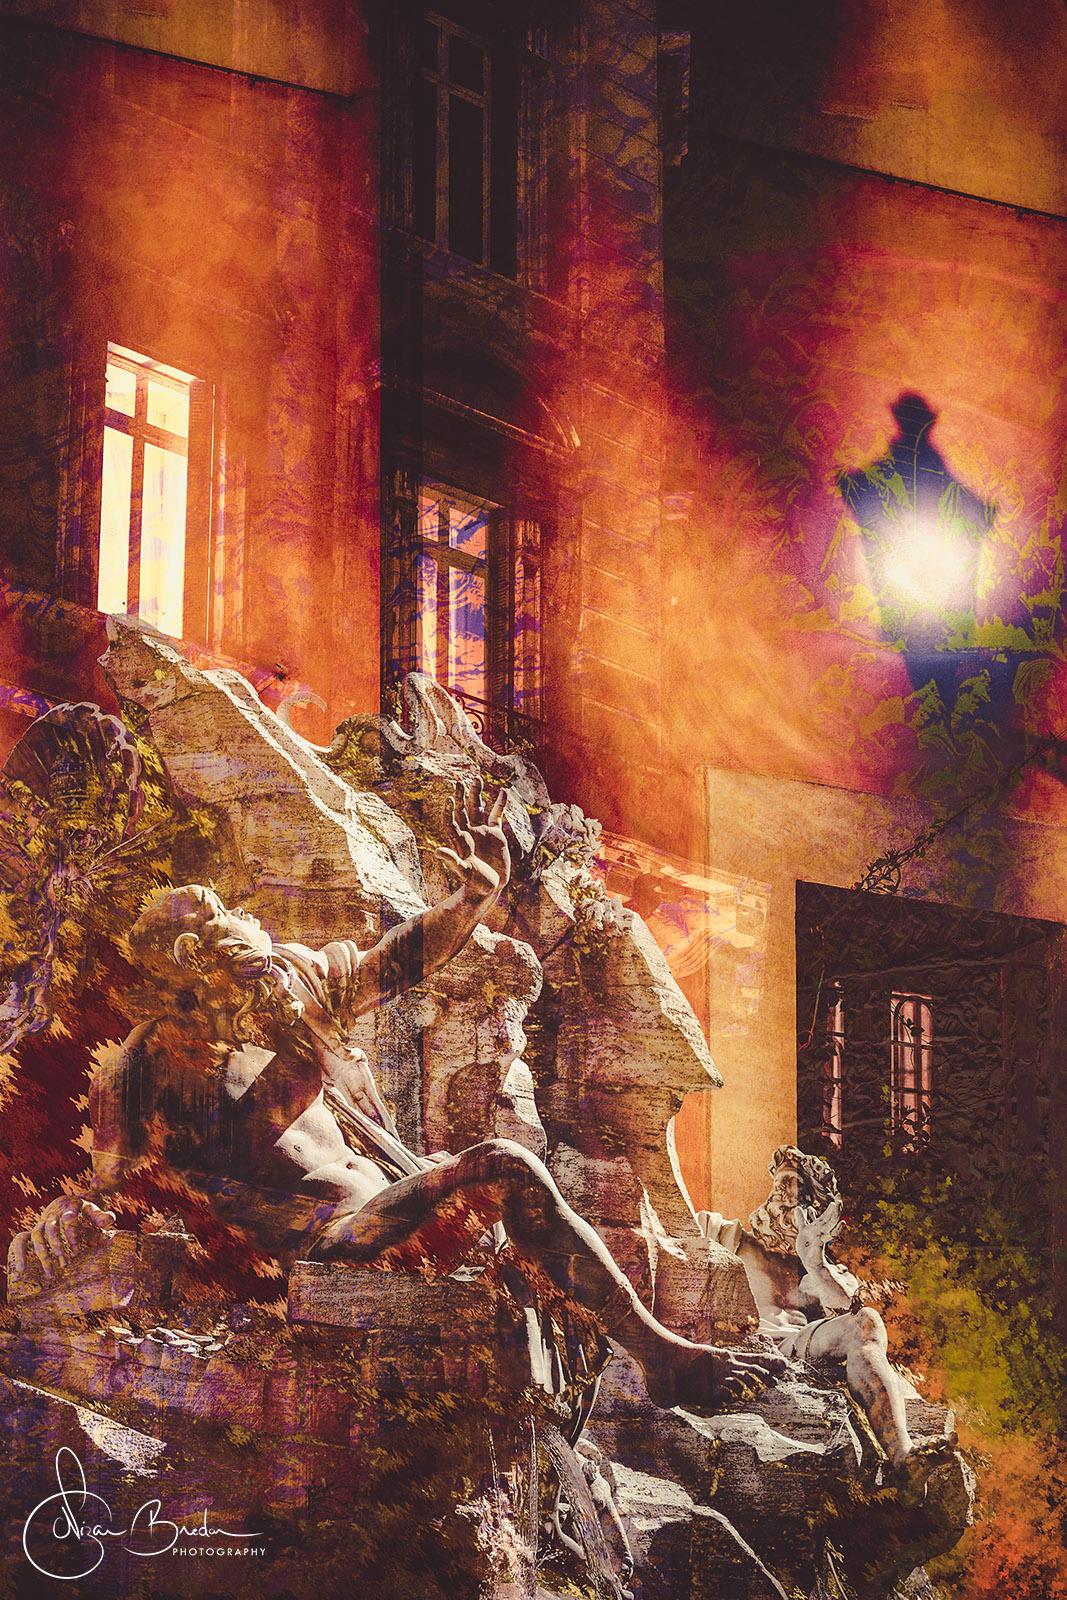 11_Roma Light Statue_Nizar Bredan.jpg